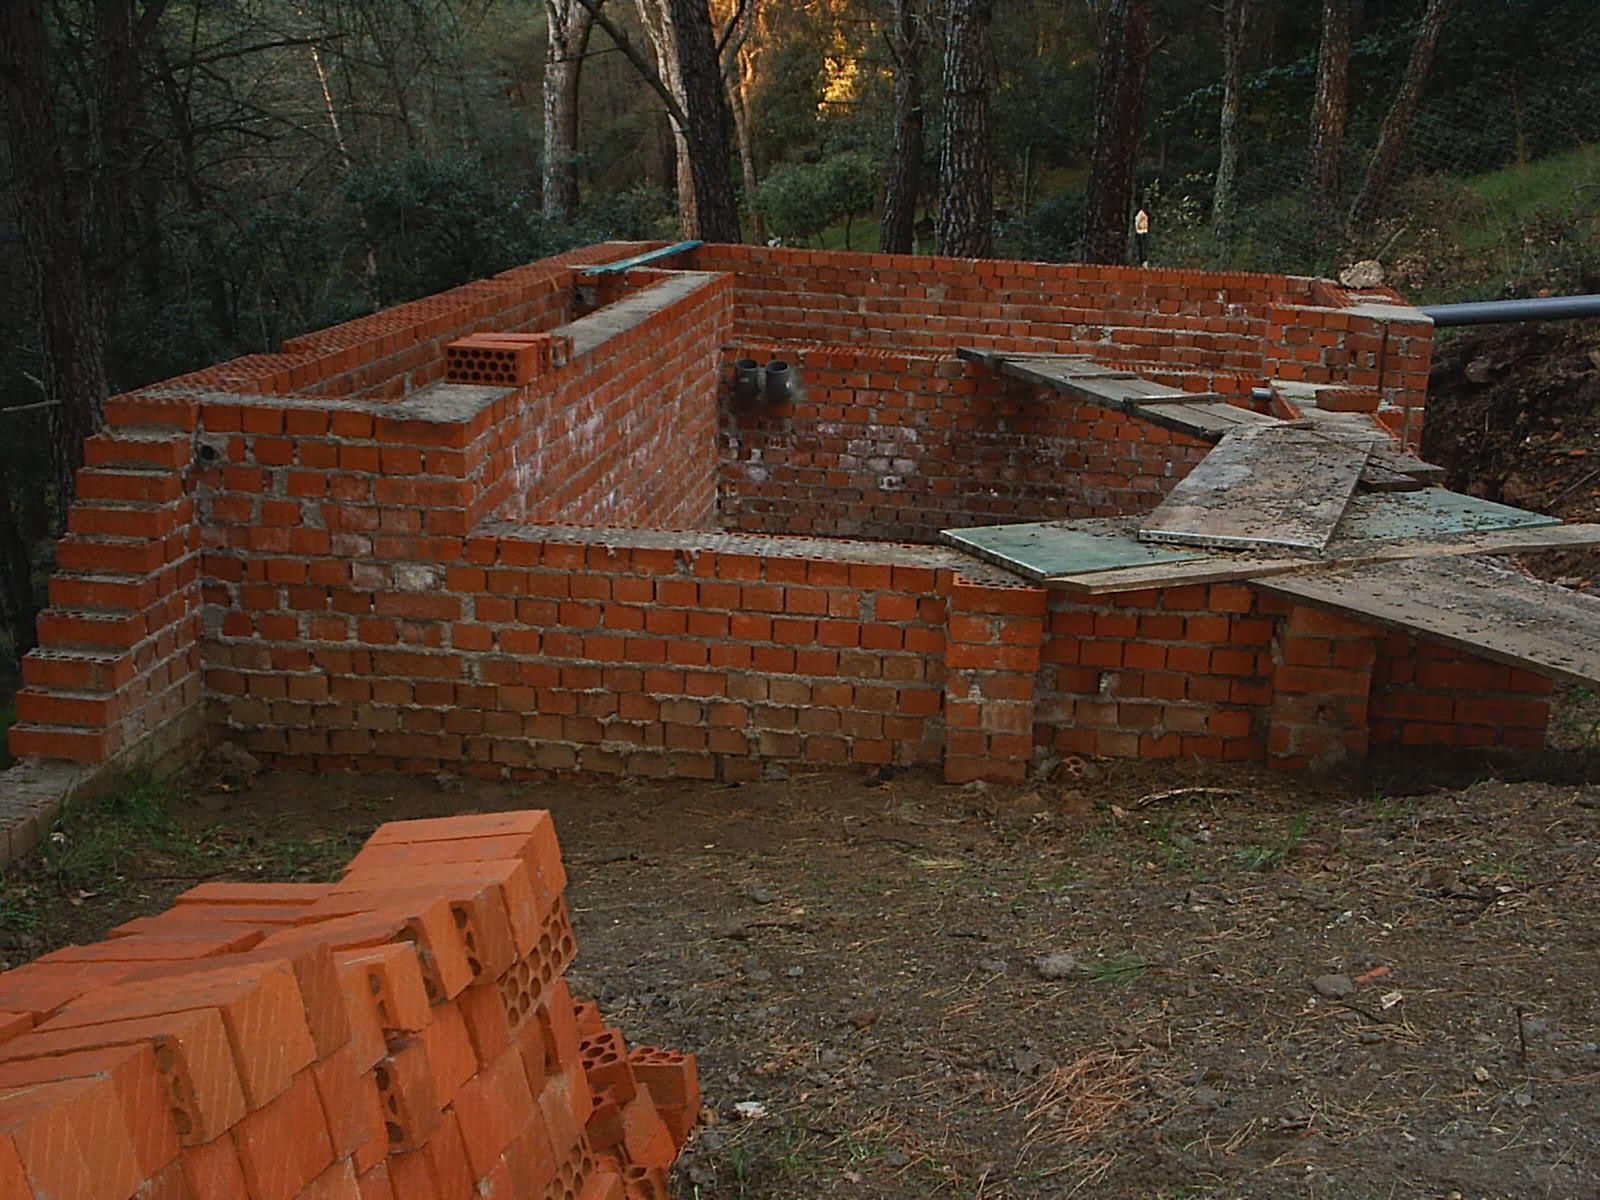 Tanques soterrados para recoger agua de lluvia p gina 2 - Recoger agua lluvia ...